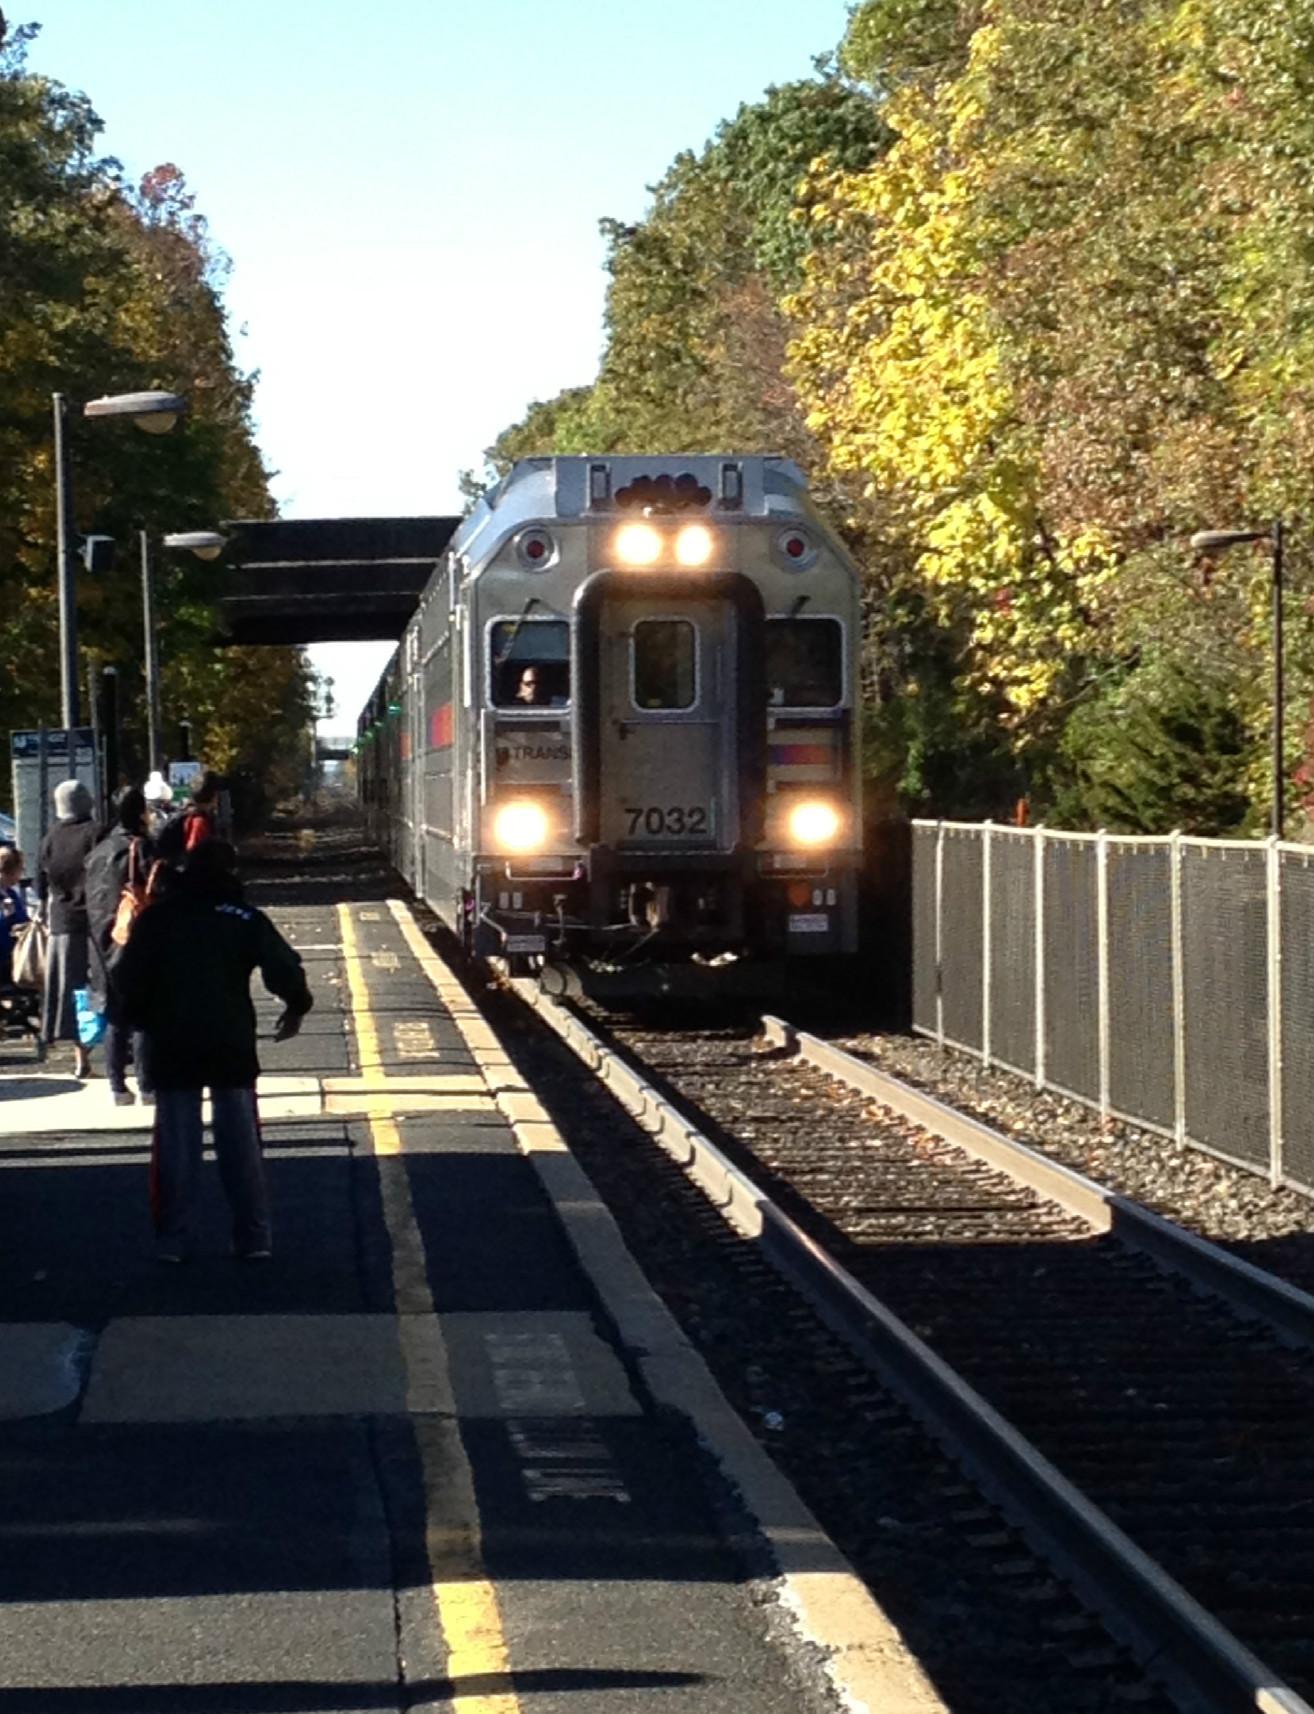 004690b3f3ace5d5adba_NJT_1016am_train_pulls_into_Fanwood_10-27-14.jpg